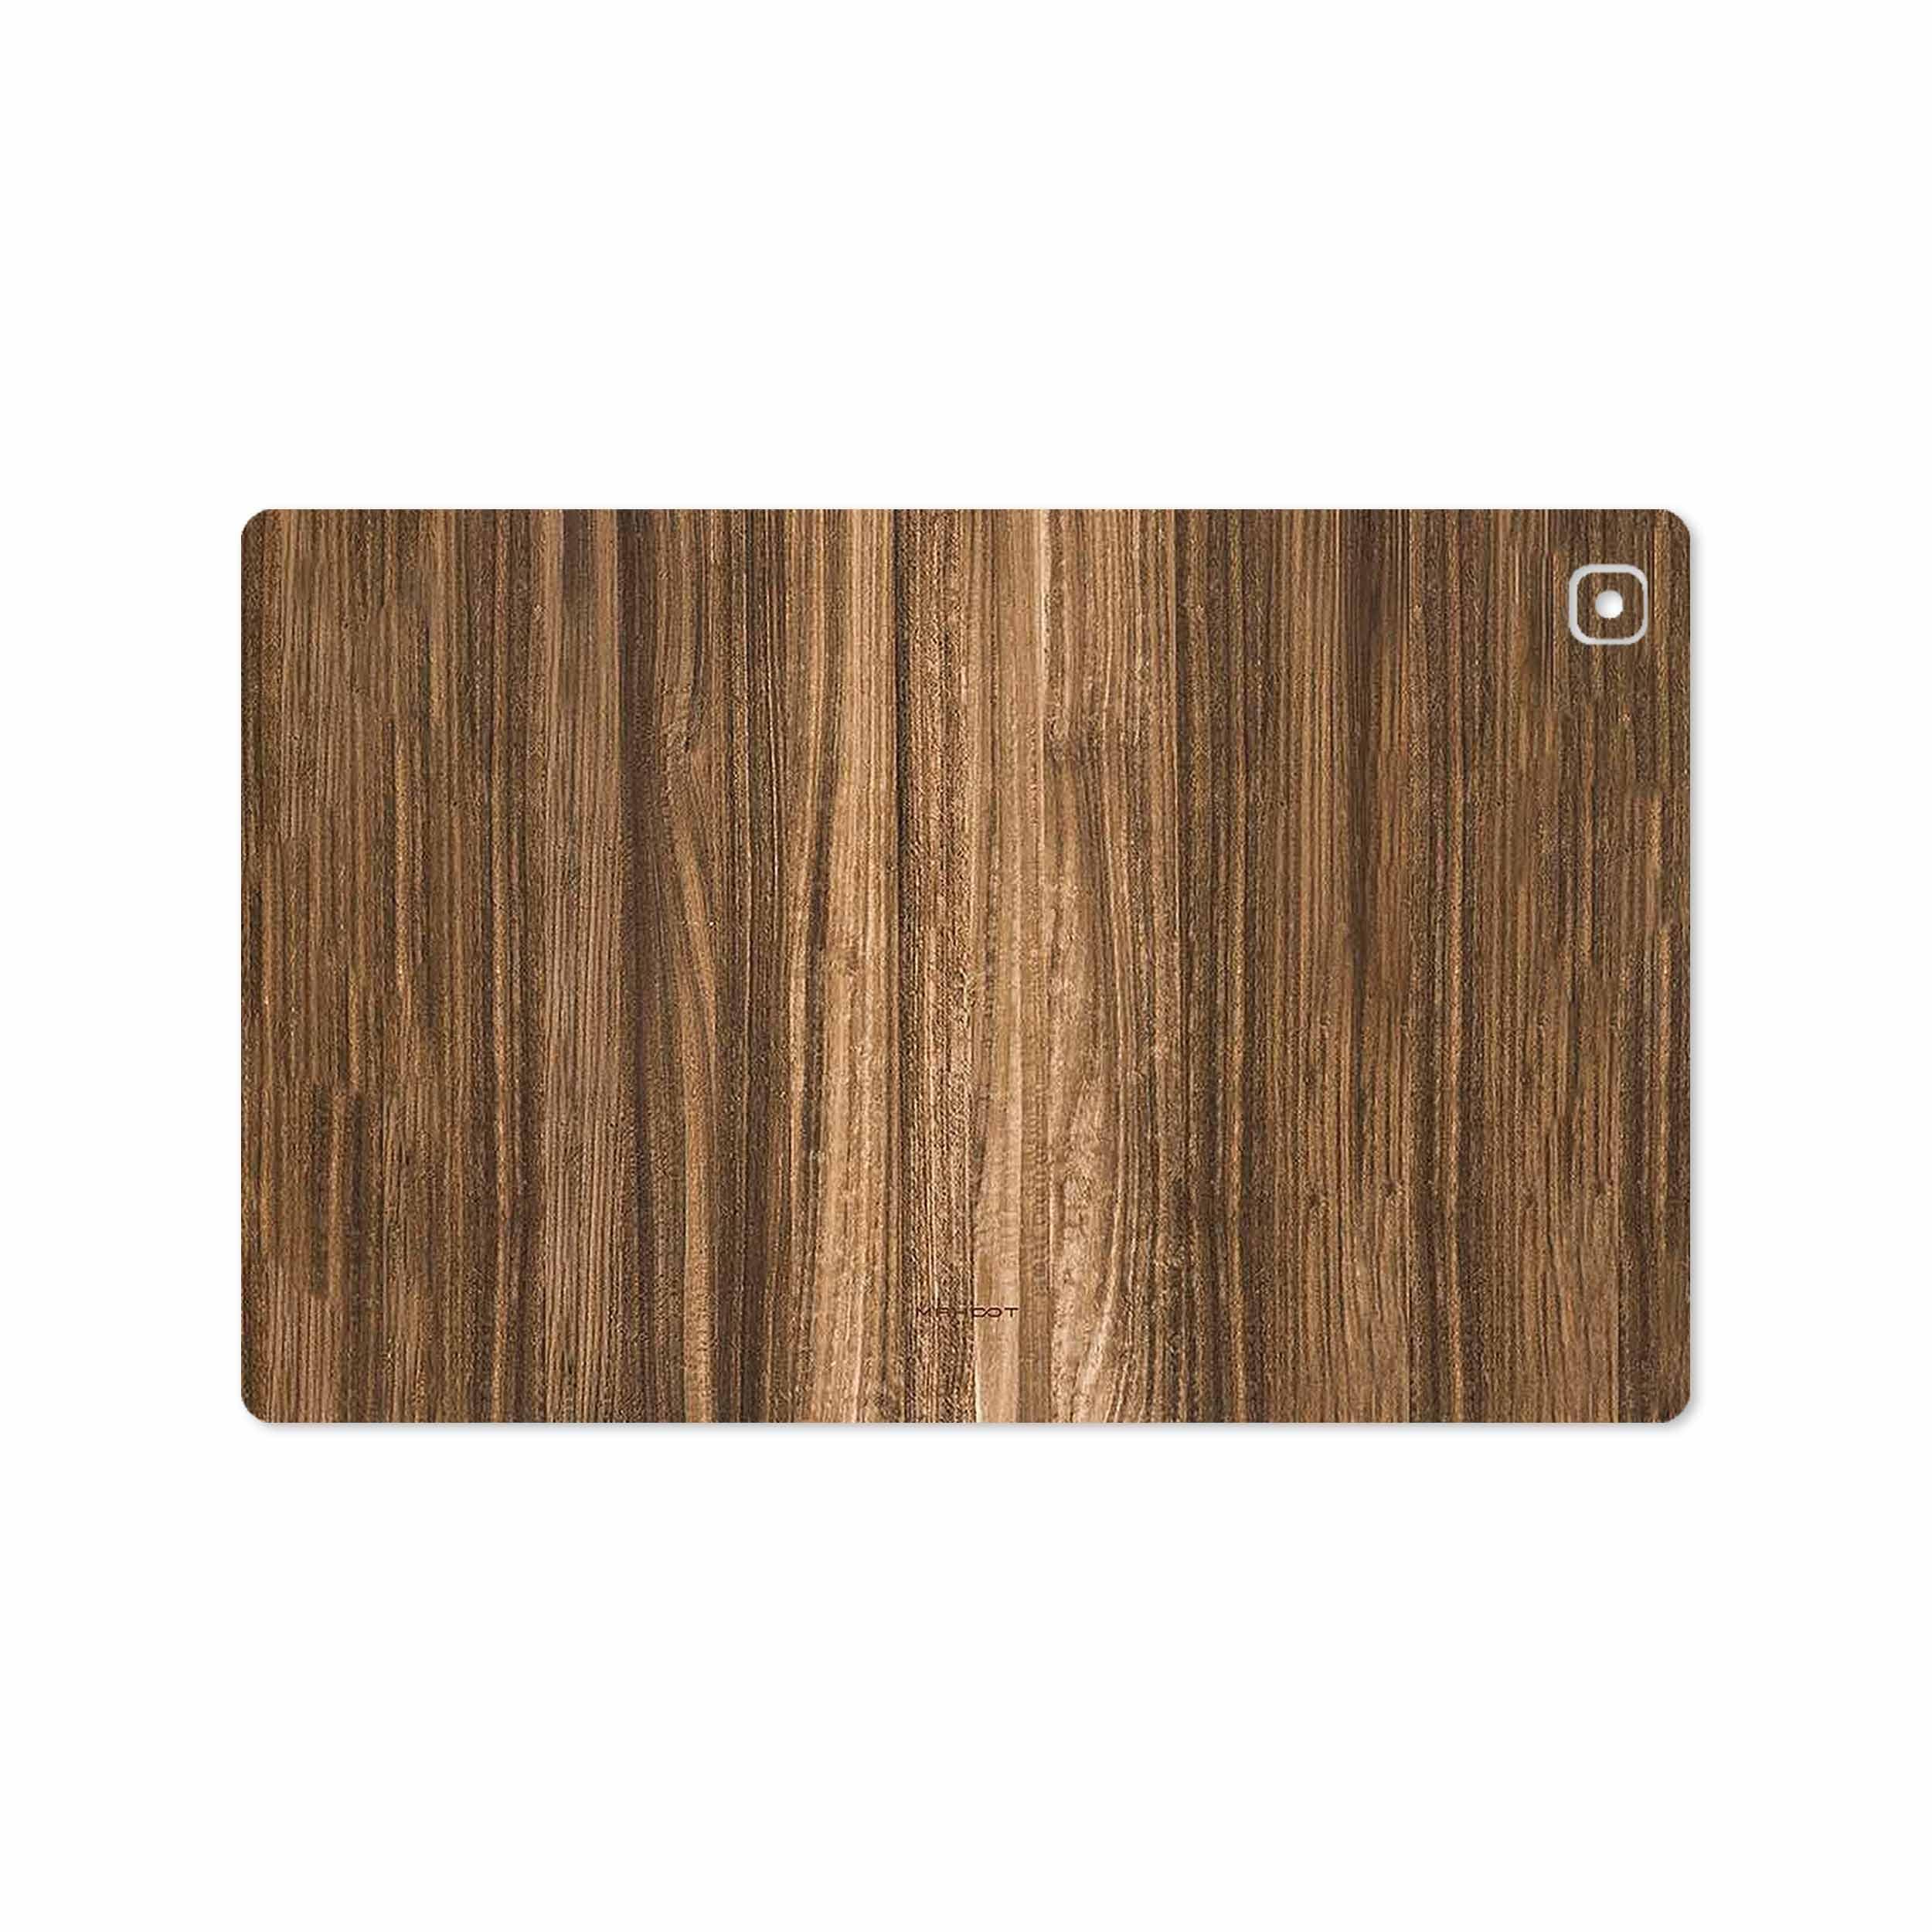 بررسی و خرید [با تخفیف]                                     برچسب پوششی ماهوت مدل Light Walnut Wood مناسب برای تبلت سامسونگ Galaxy Tab A7 10.4 LTE 2020 T505                             اورجینال